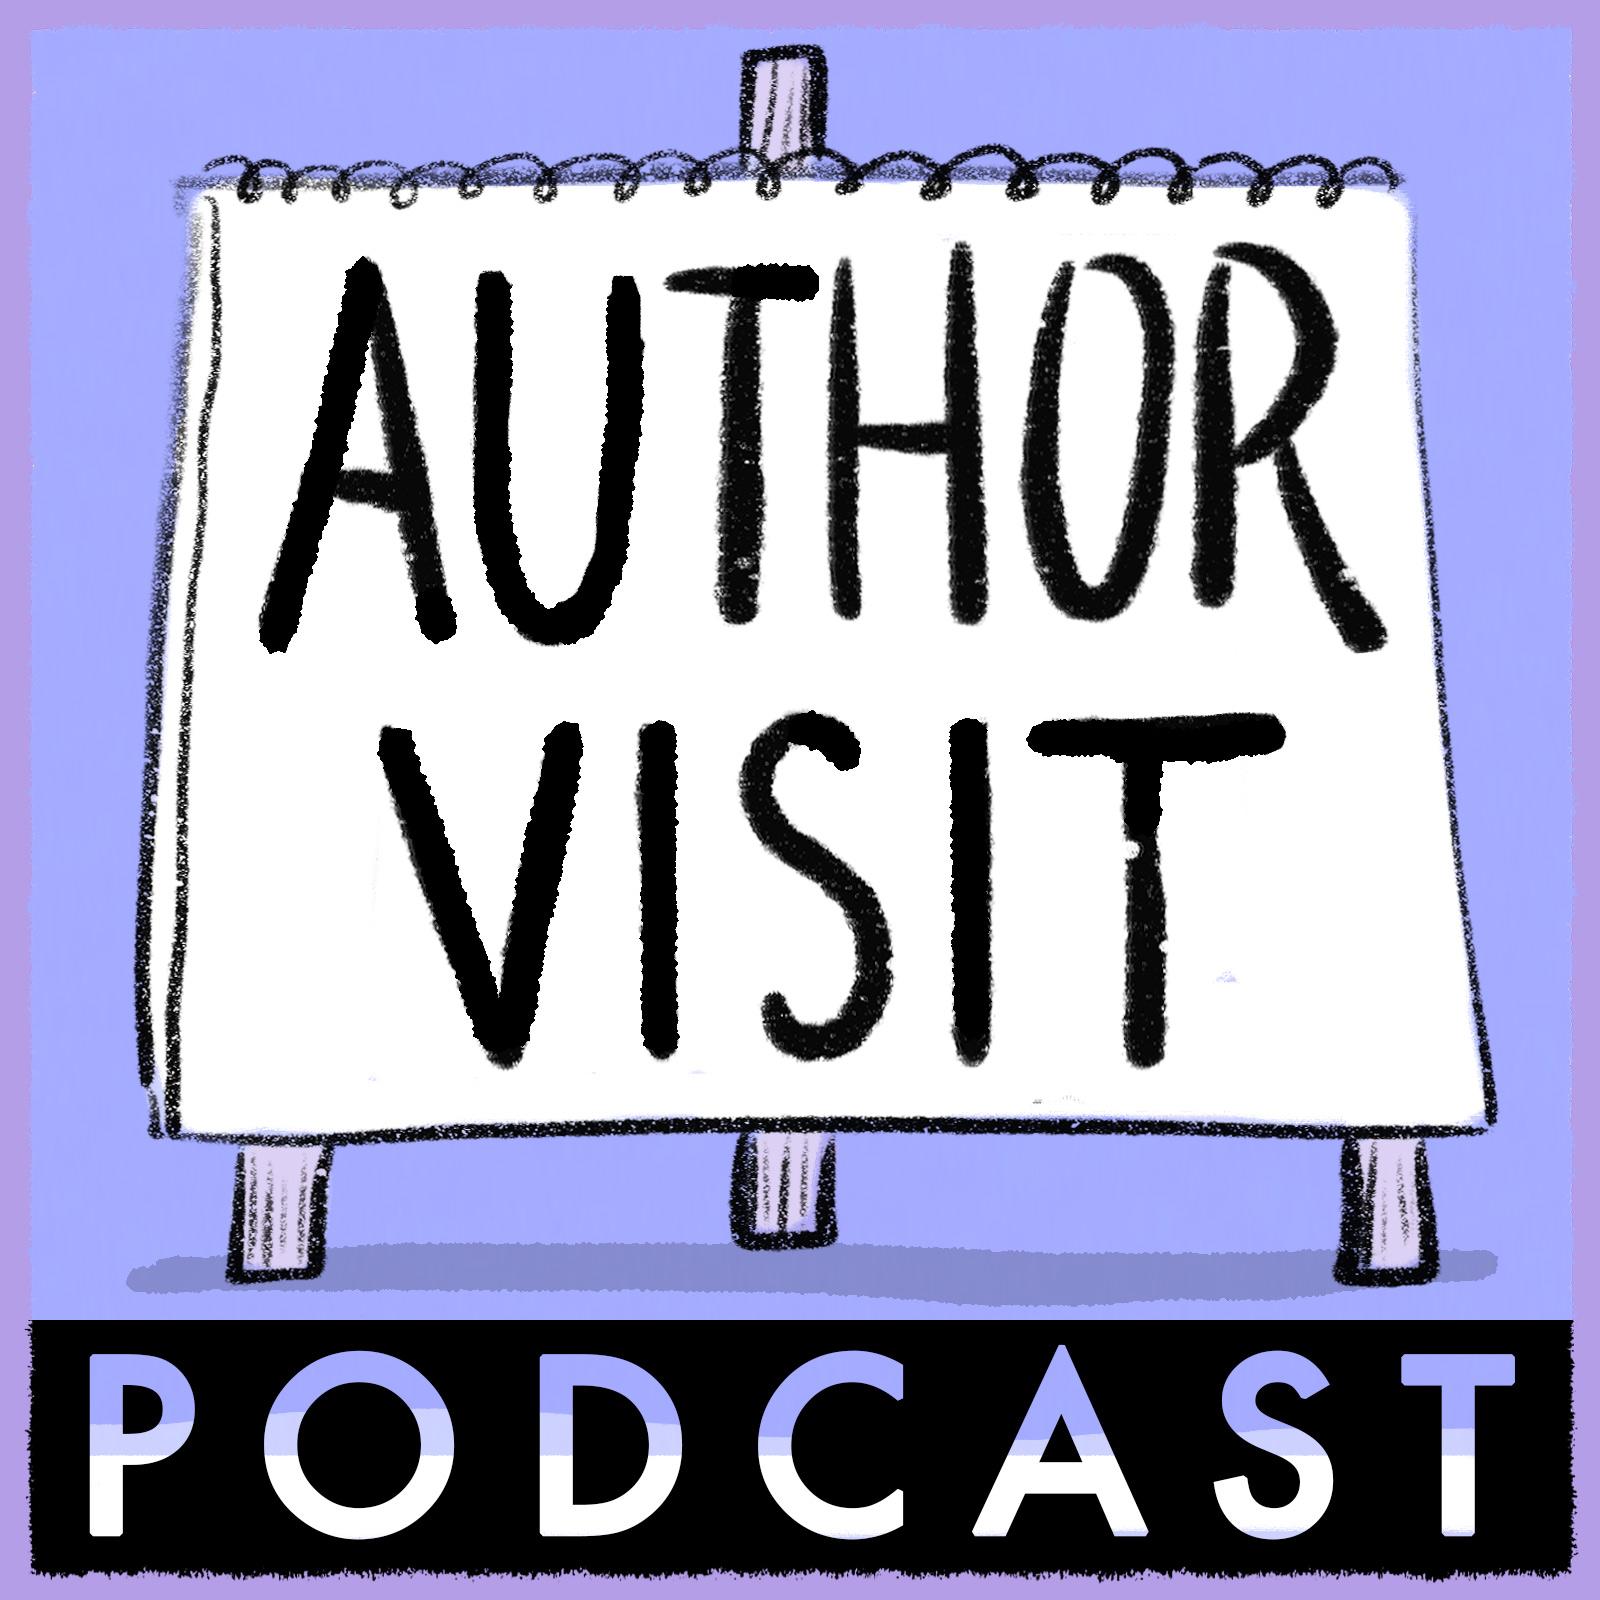 Author Visit Podcast show art